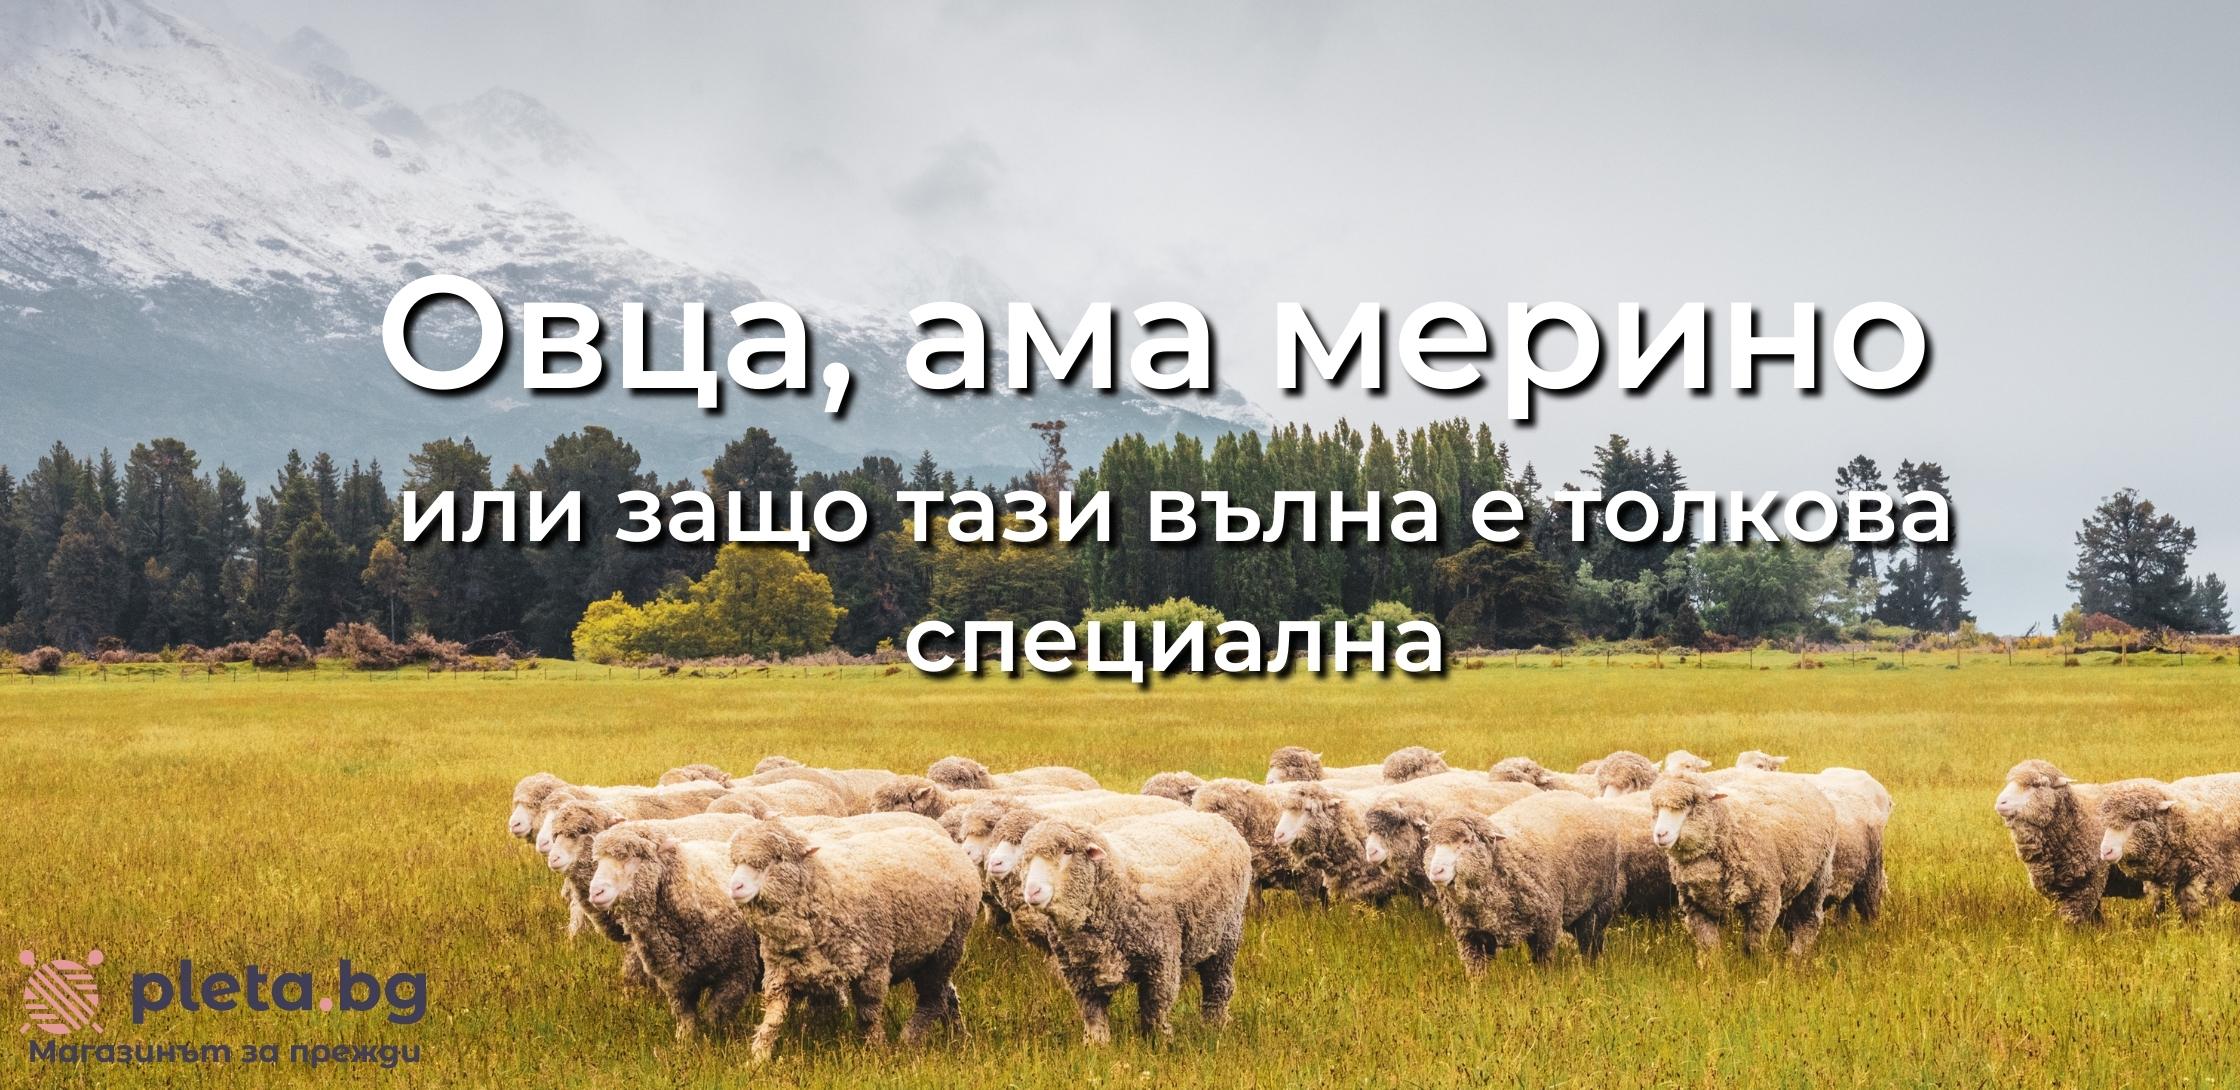 Овца, ама мерино или защо тази вълна е толкова специална